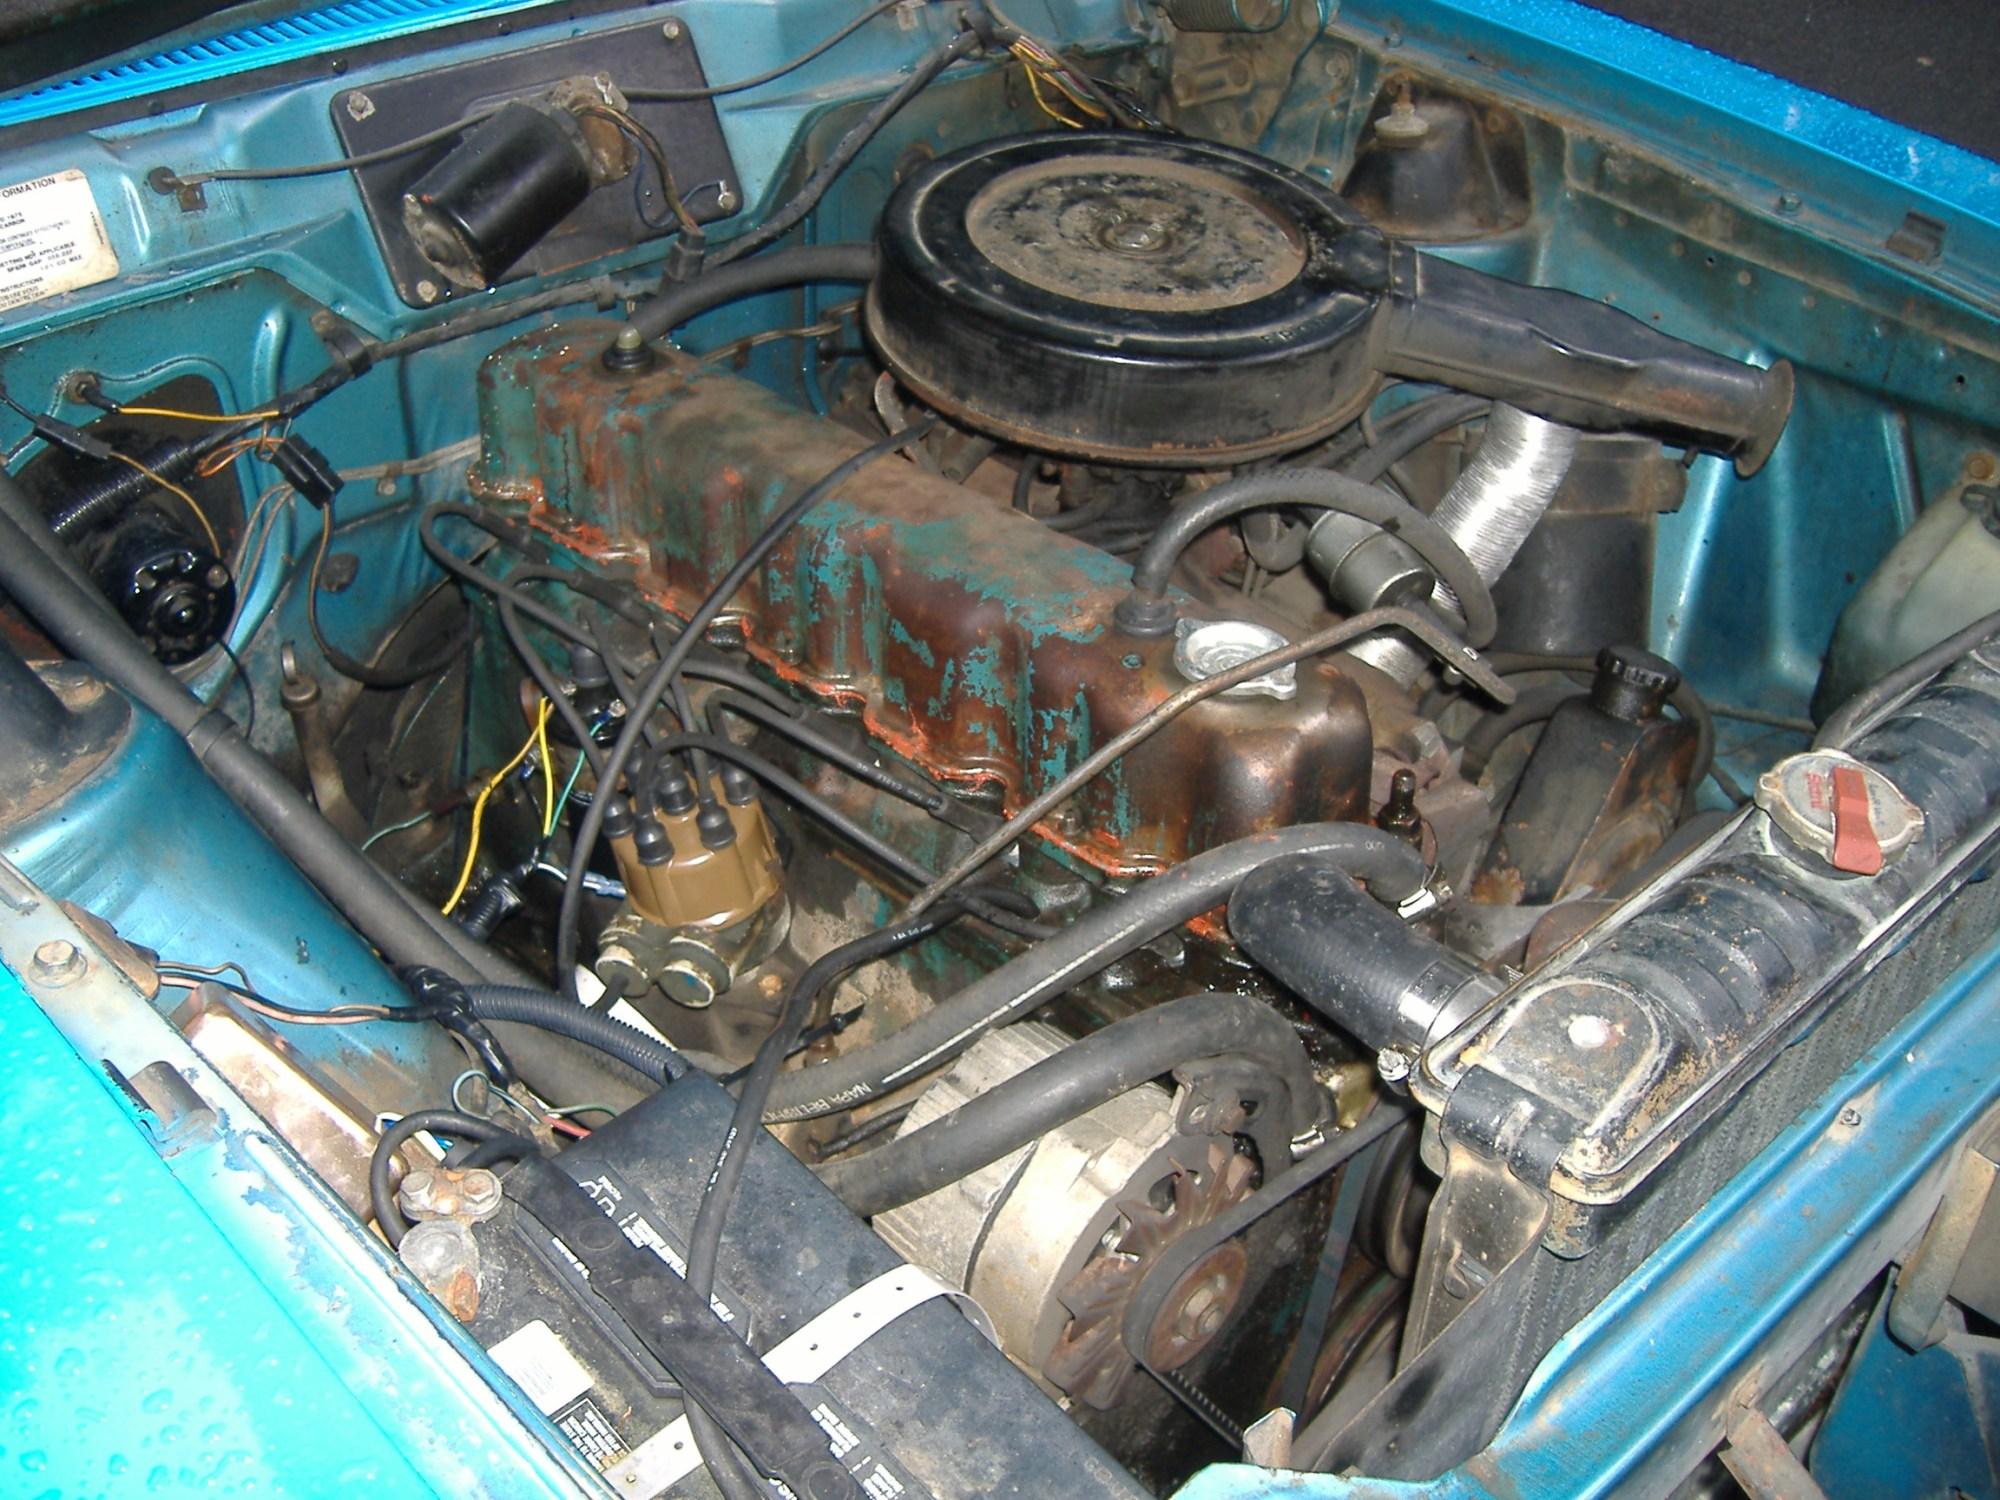 hight resolution of file 1975 amc hornet 232 i6 engine jpg